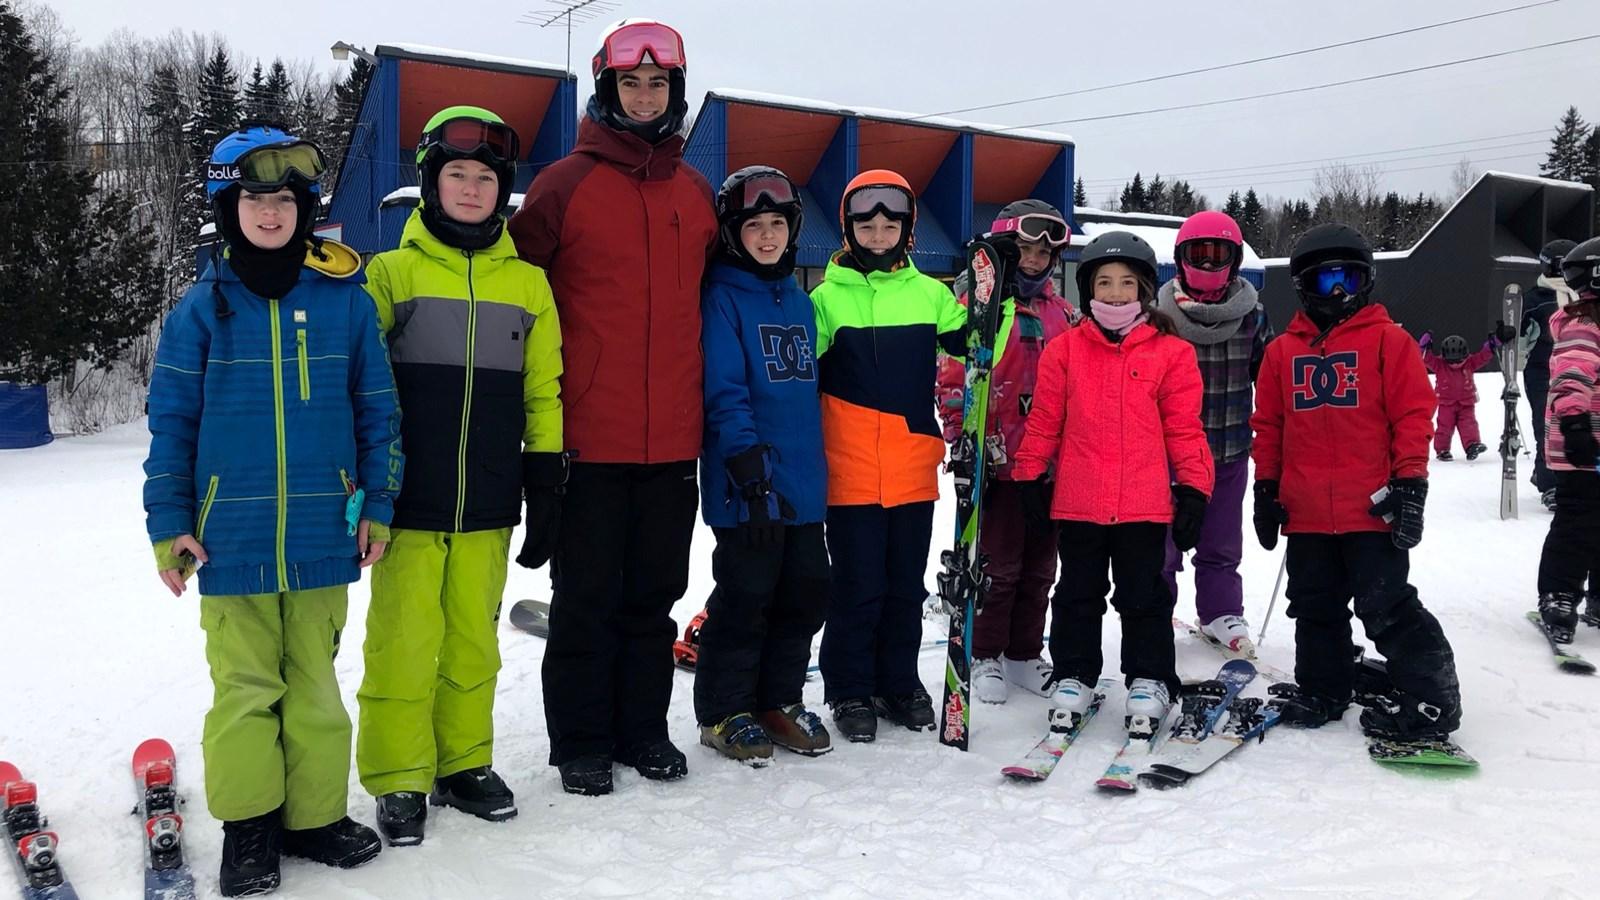 Éliot Grondin rencontre ses fans au Centre de ski de Saint-Georges